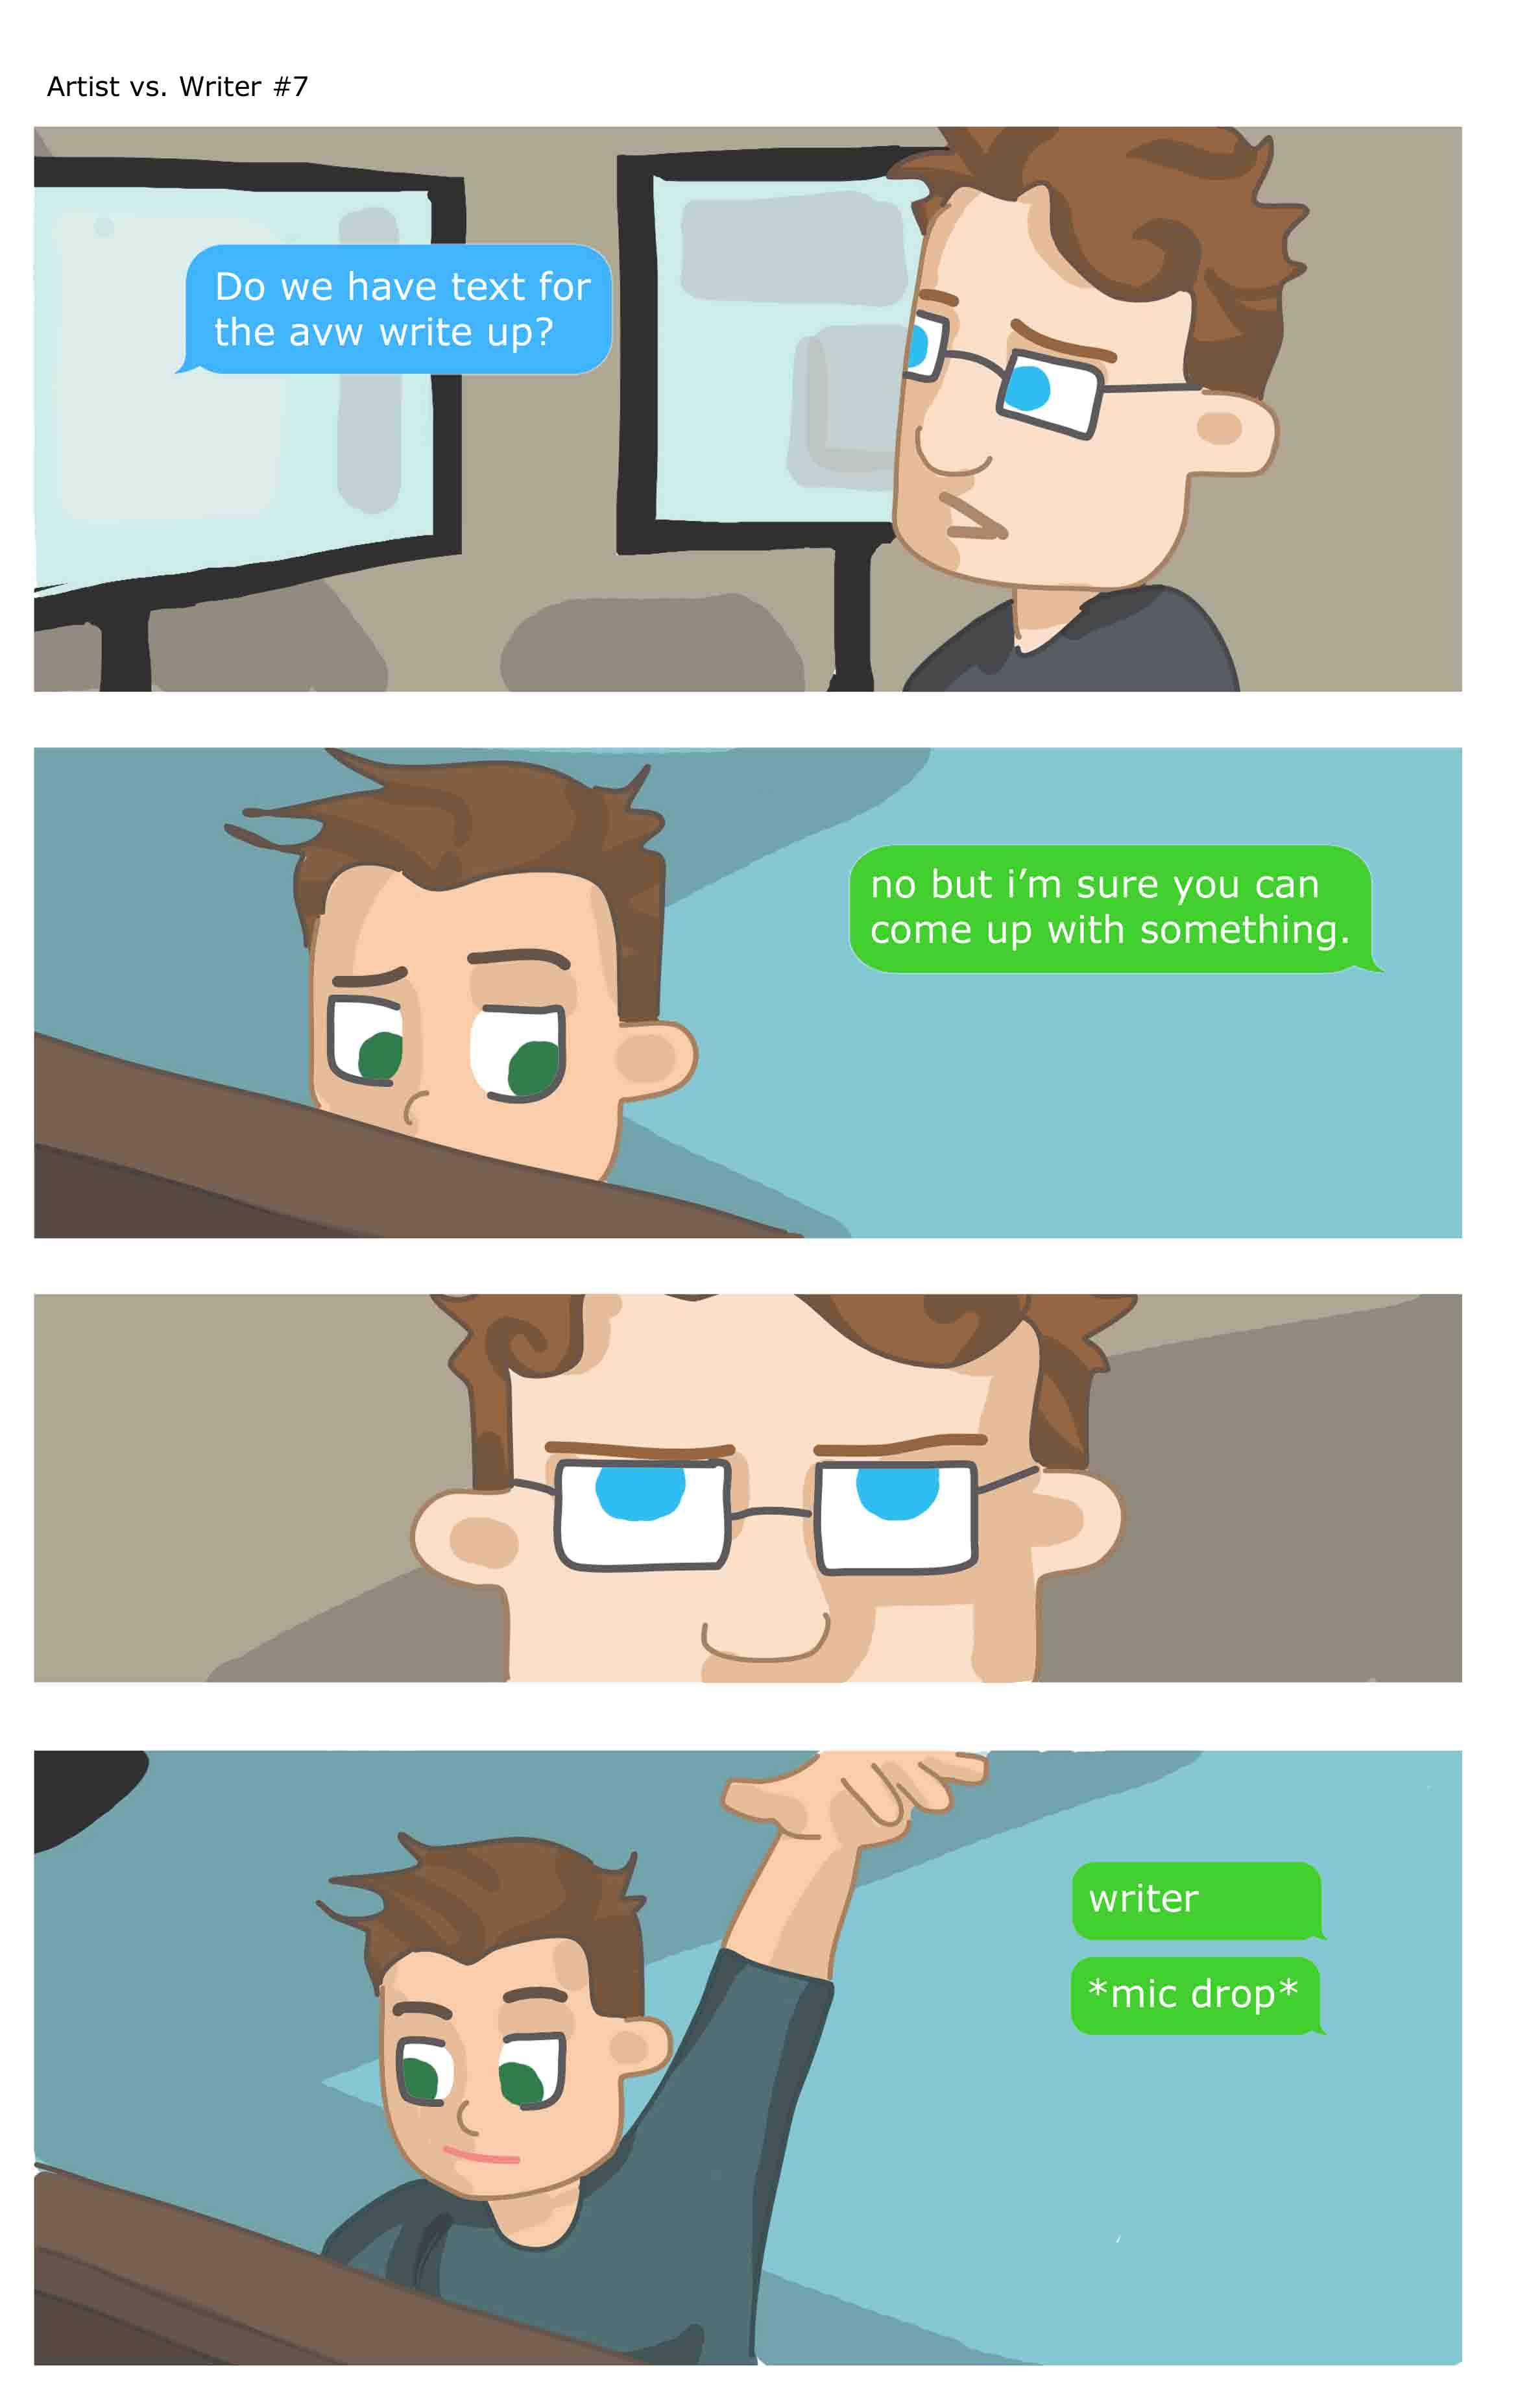 Artist vs Writer 7